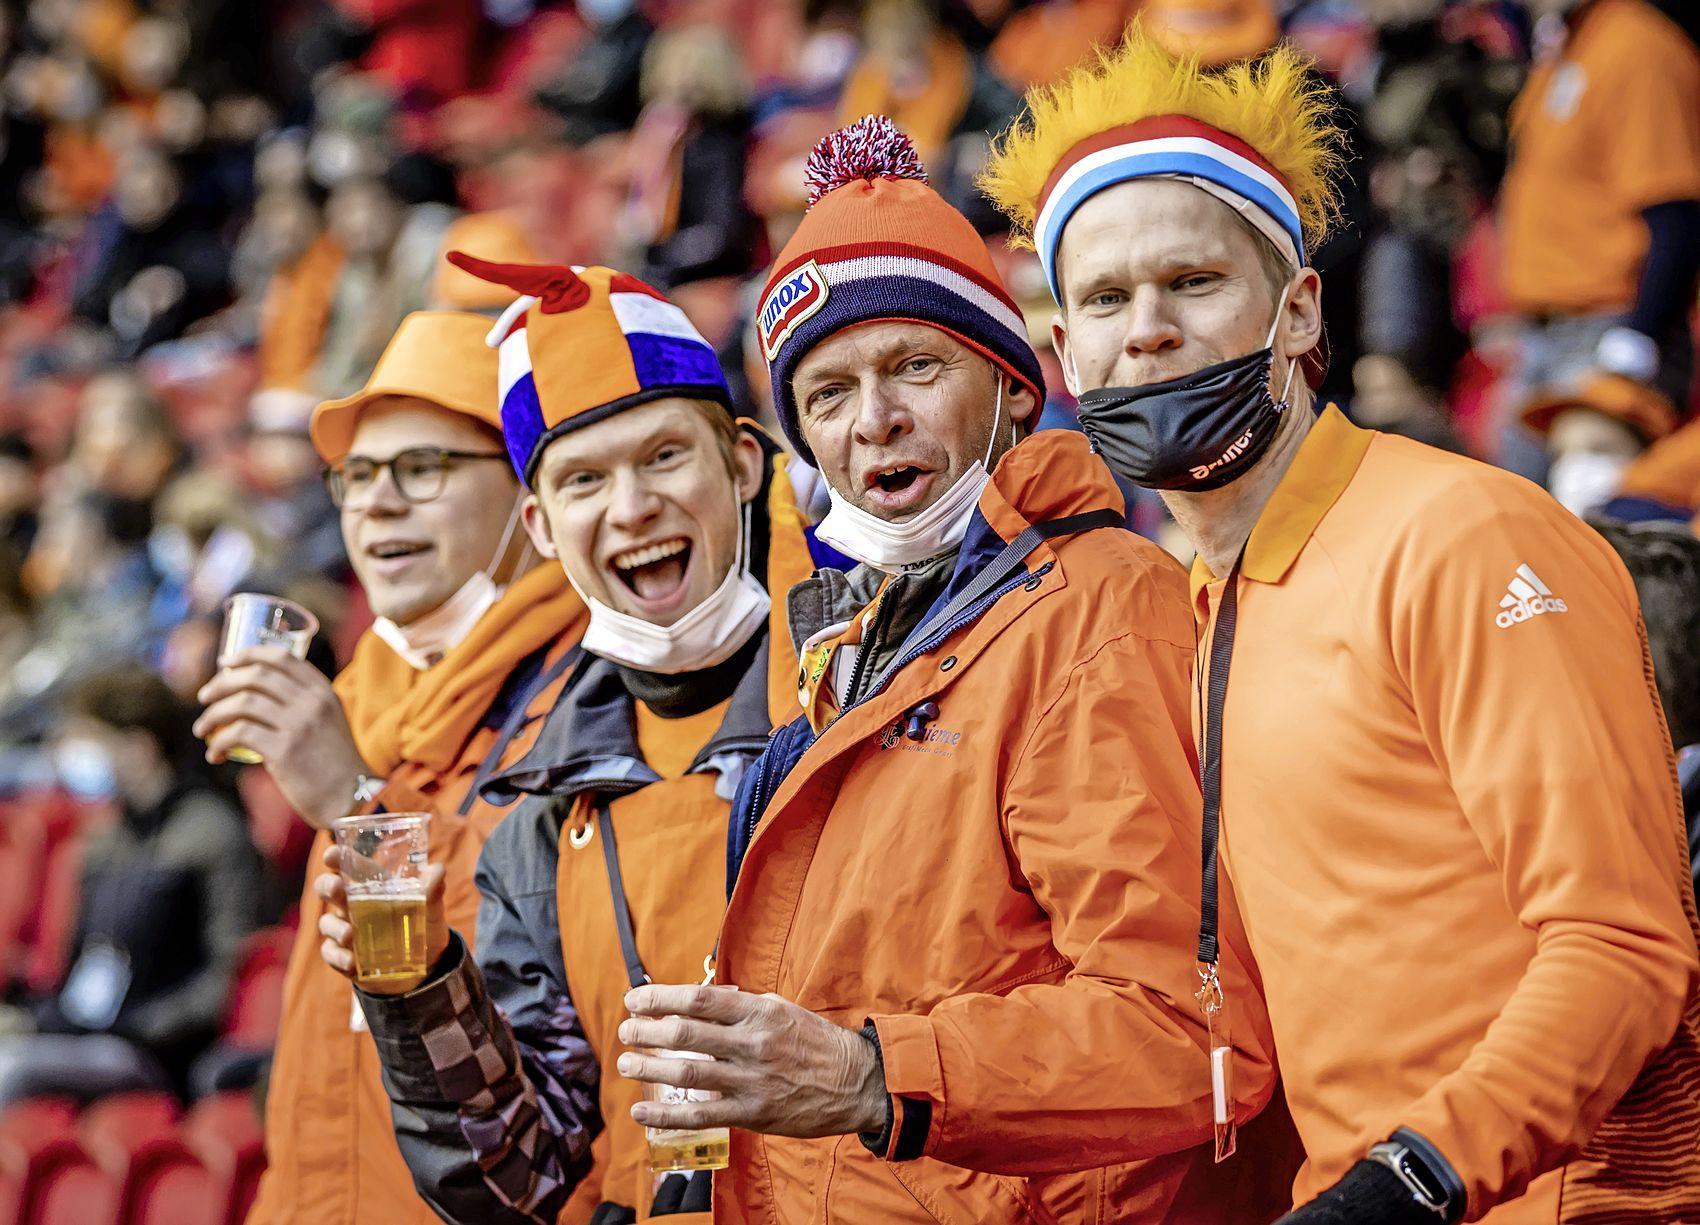 'Oranjefans laat je hóóoren' roept de speaker bij Nederland-Letland, en dat doen de vijfduizend supporters